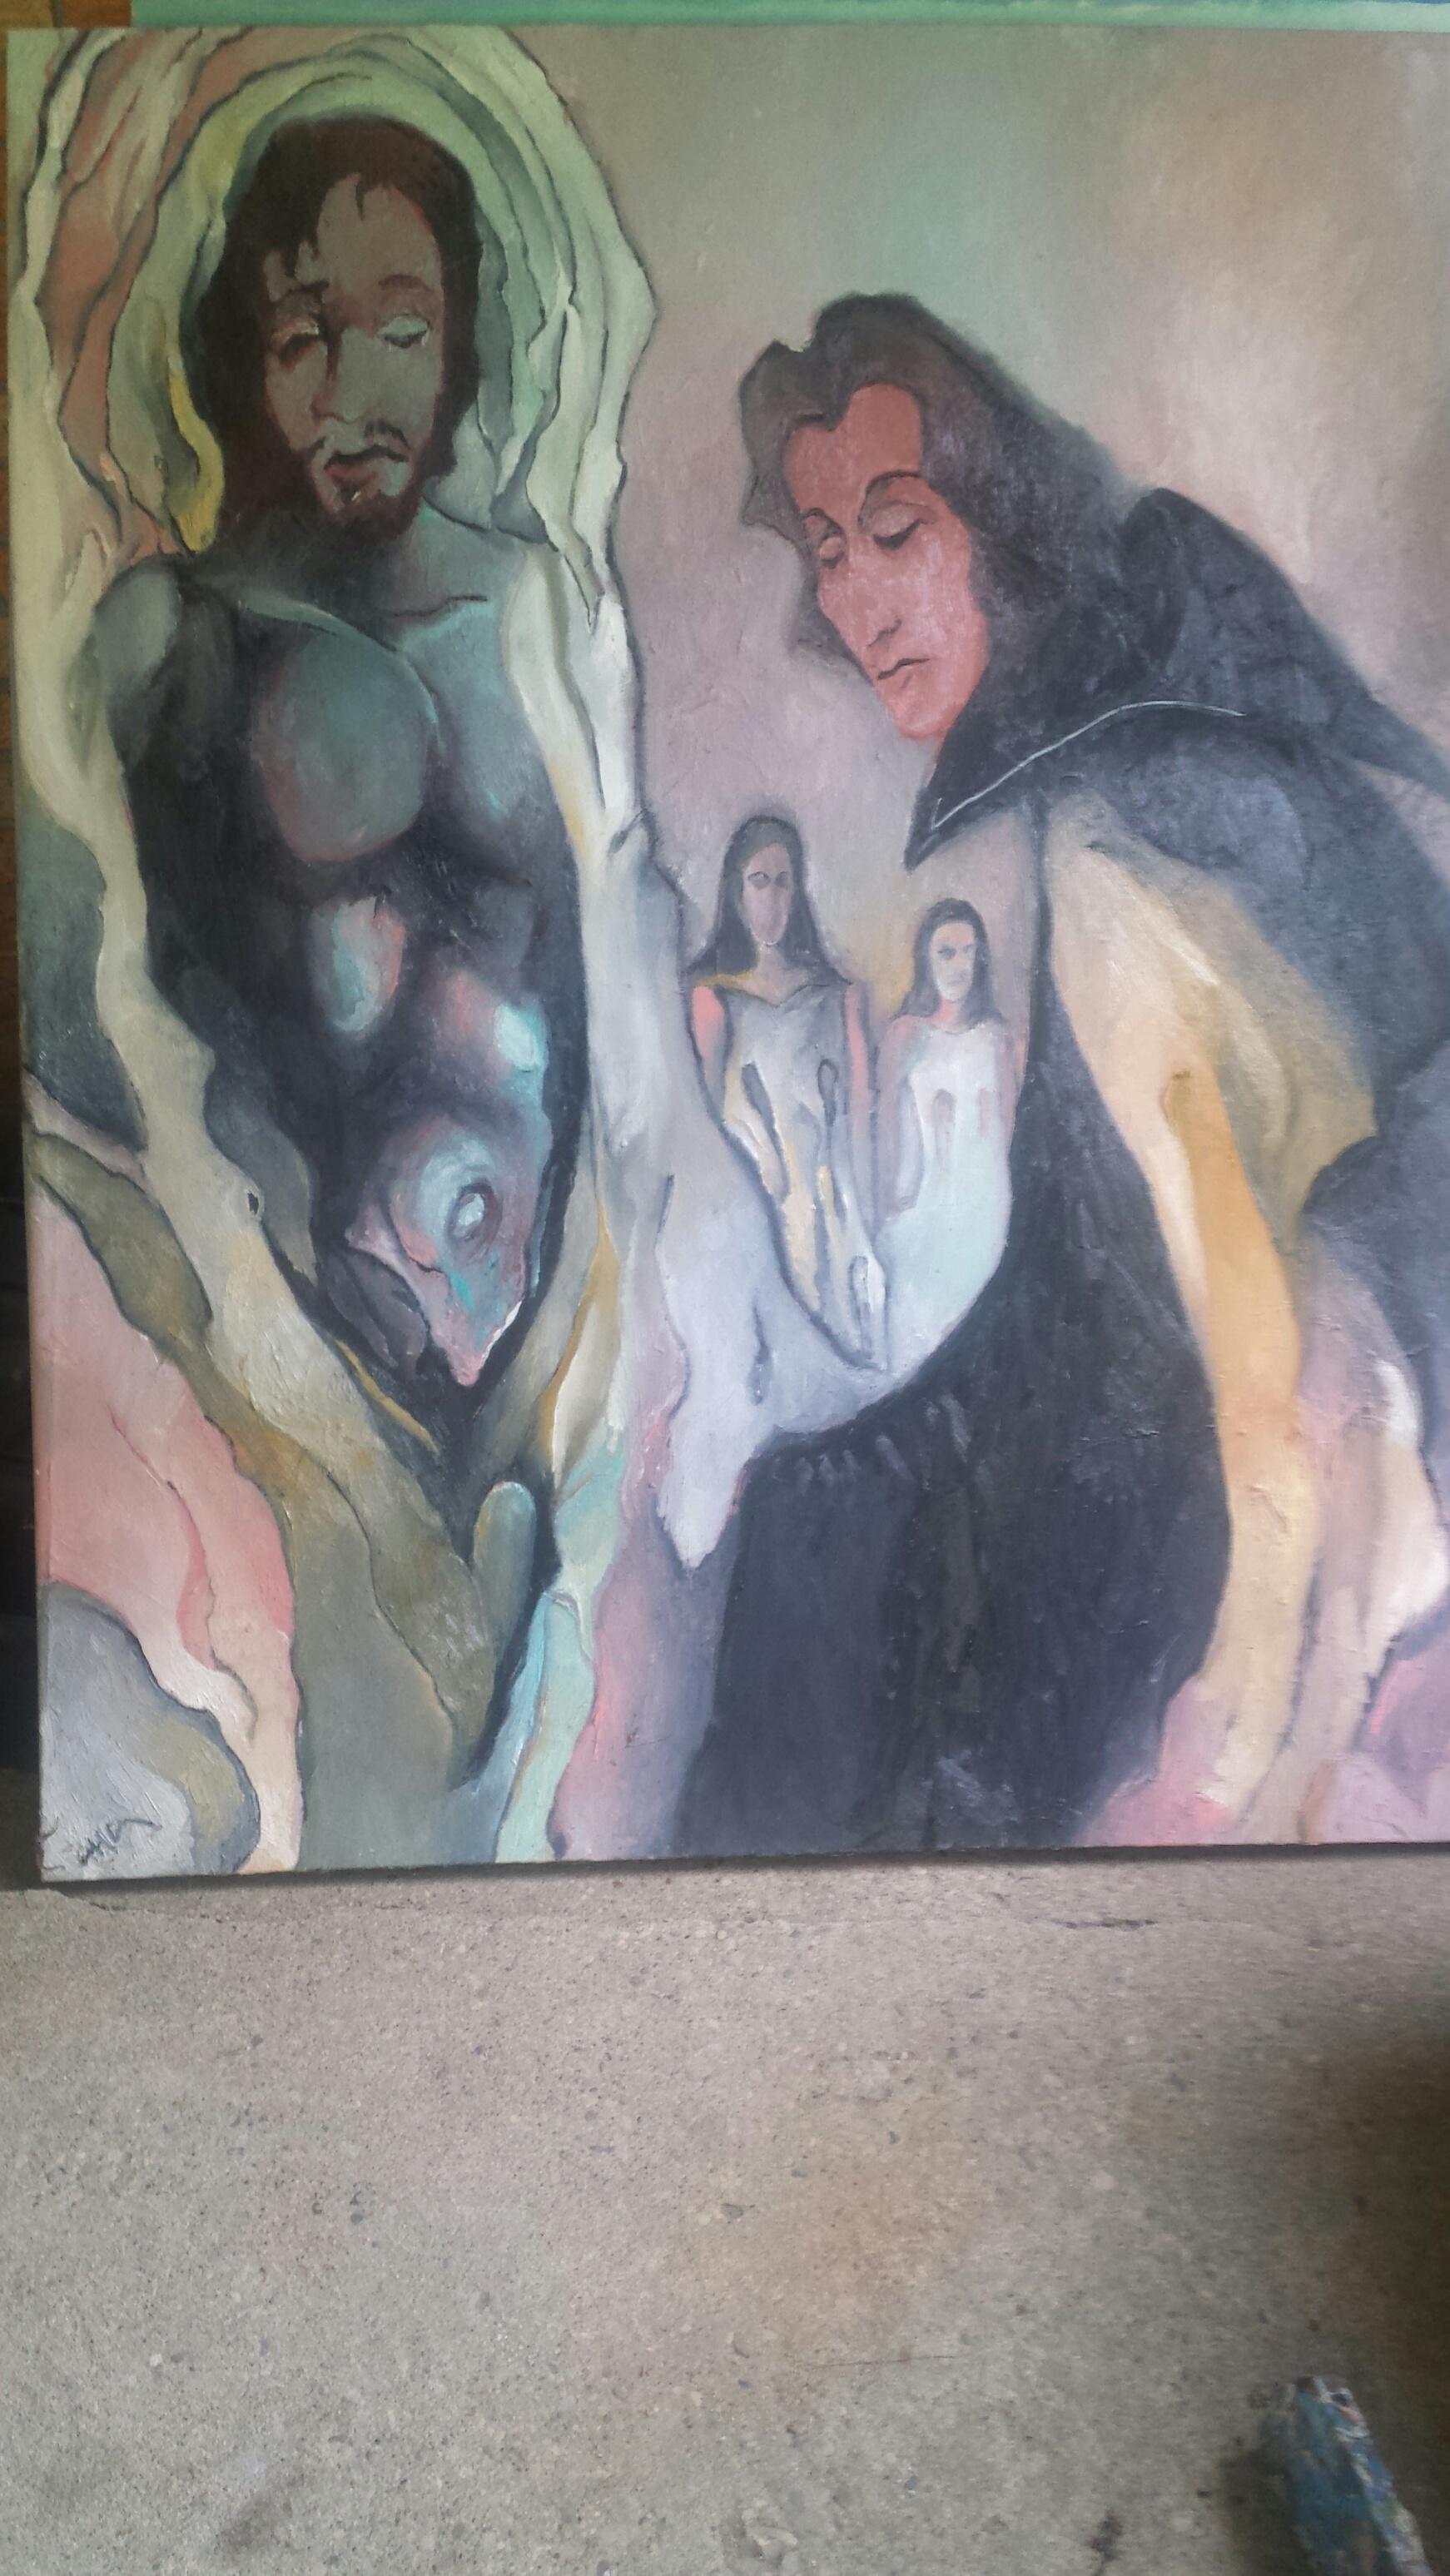 Alfred Eaker %22Pieta%22 oil on canvas © 2014 Alfred Eaker